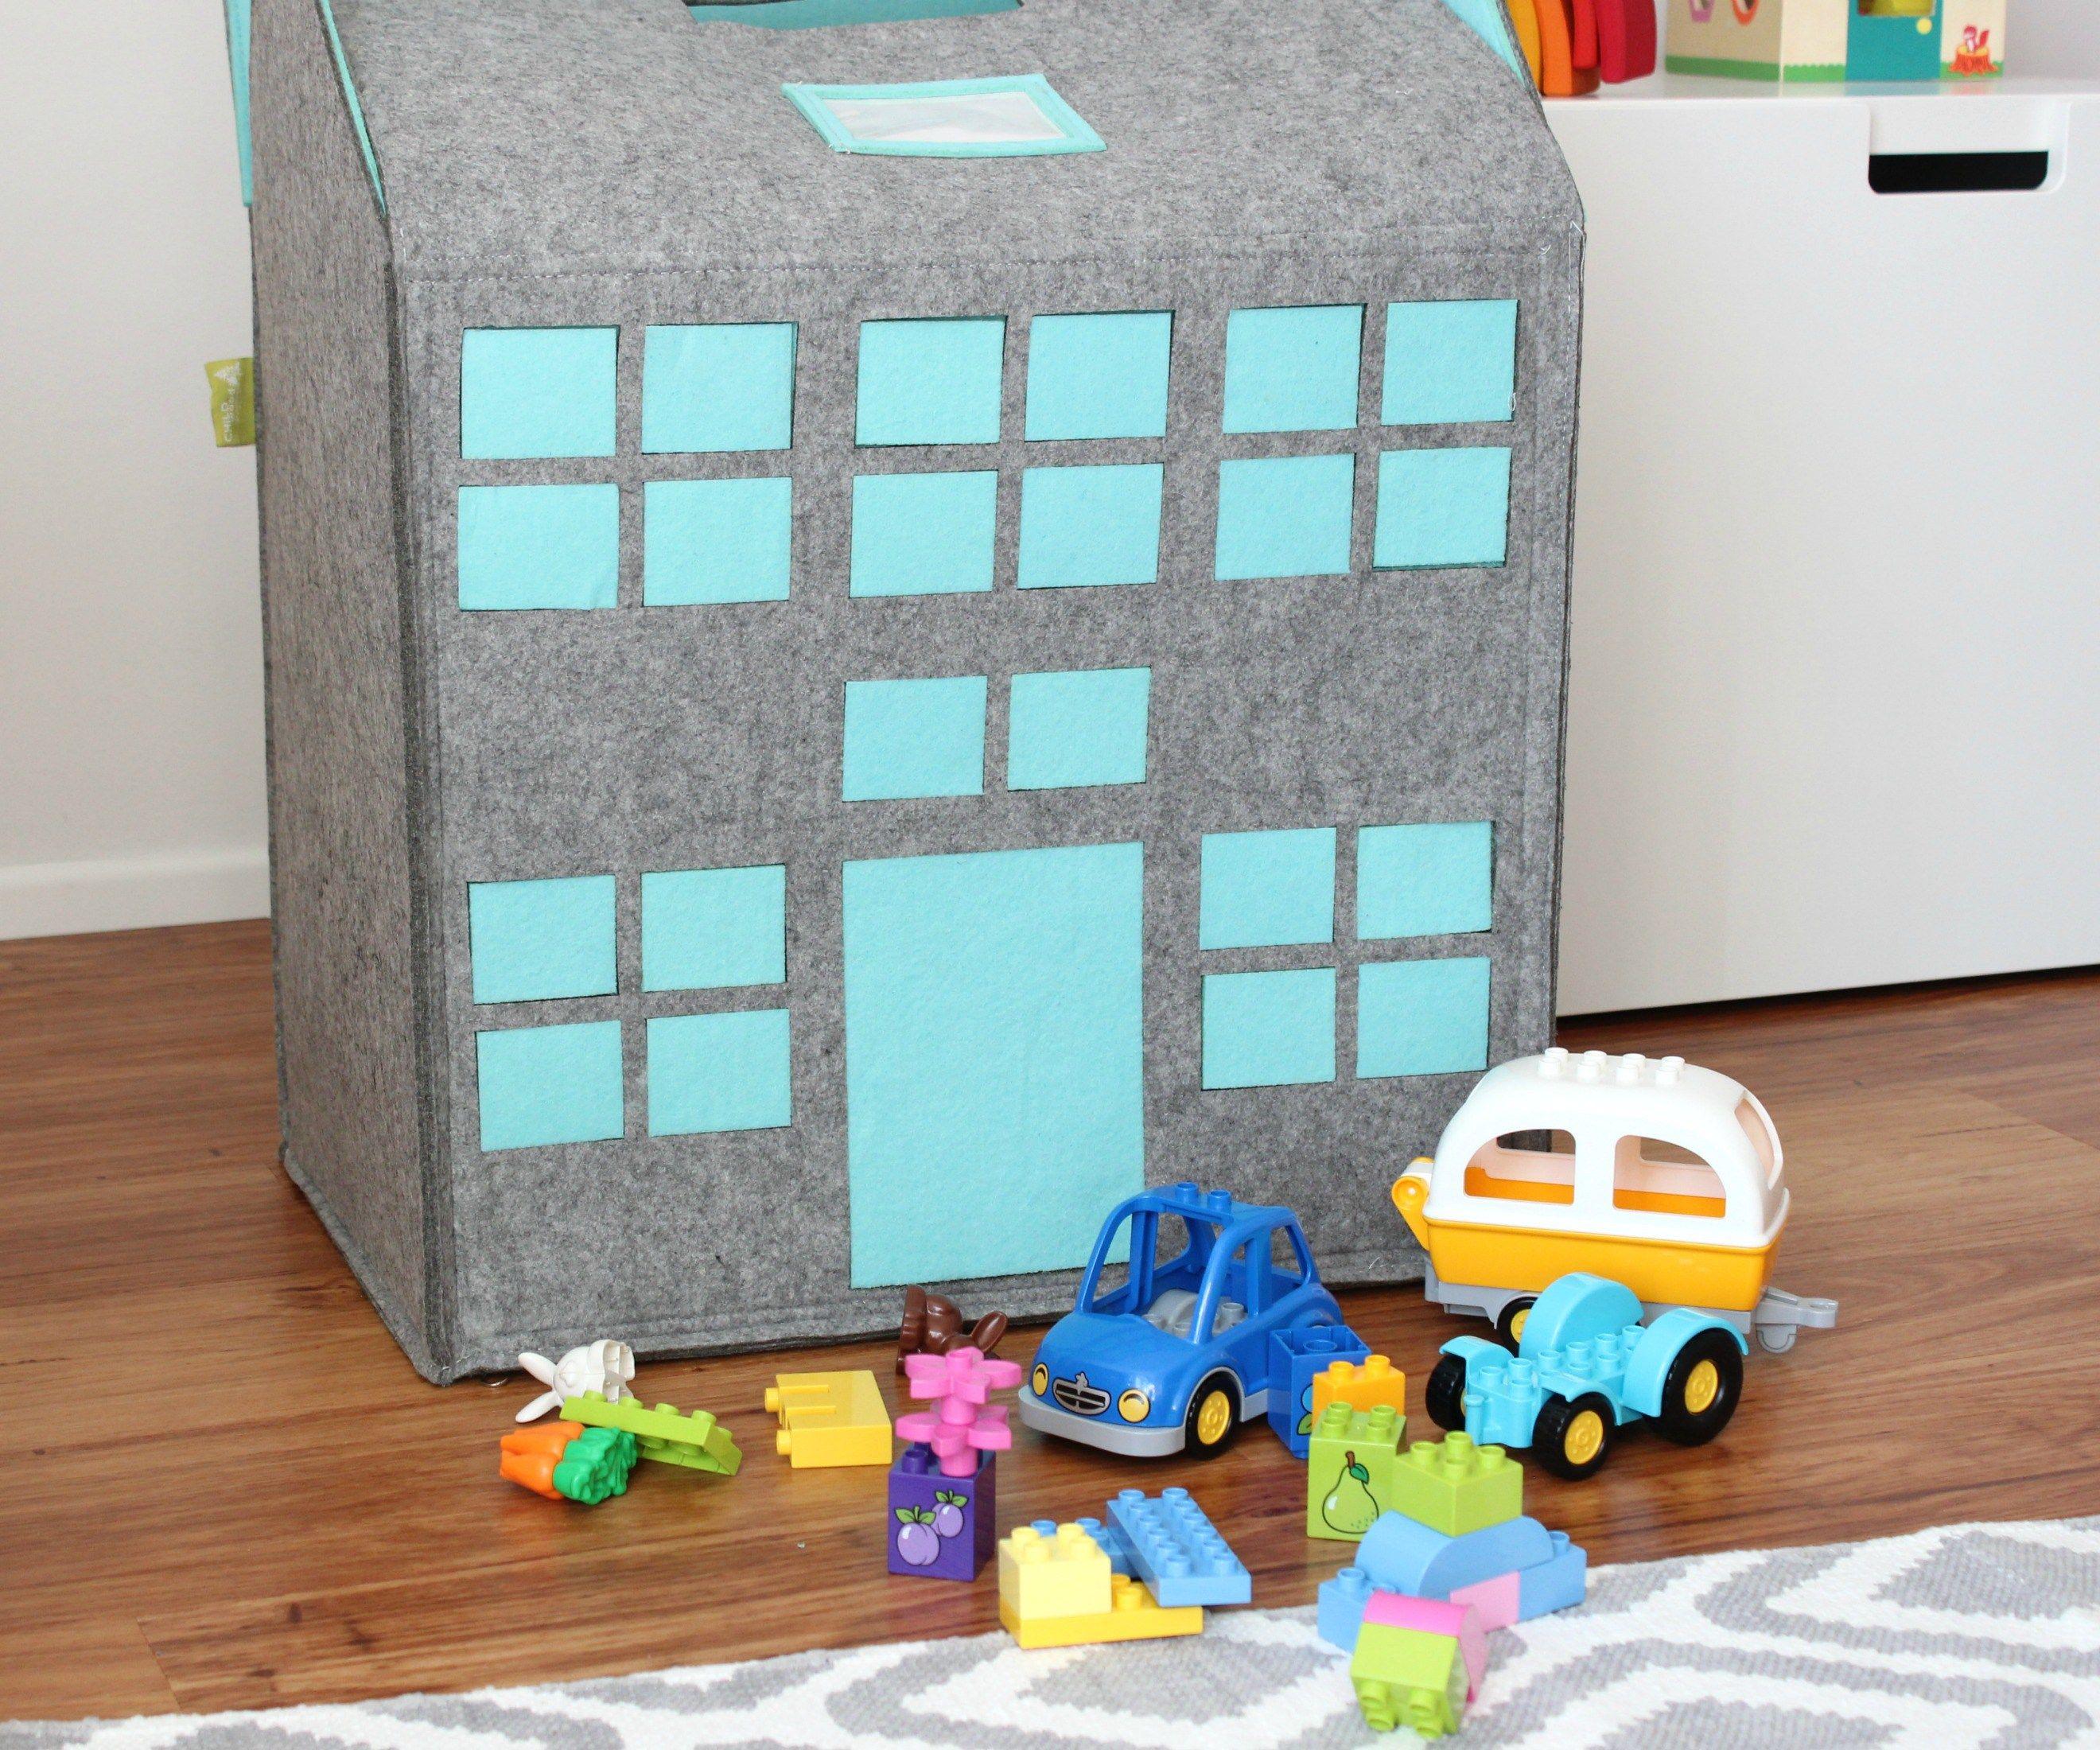 Aufbewahrungskorb Kinderzimmer ~ Kinderzimmer kidsroom kidsroomdesign aufbewahrungskorb haus